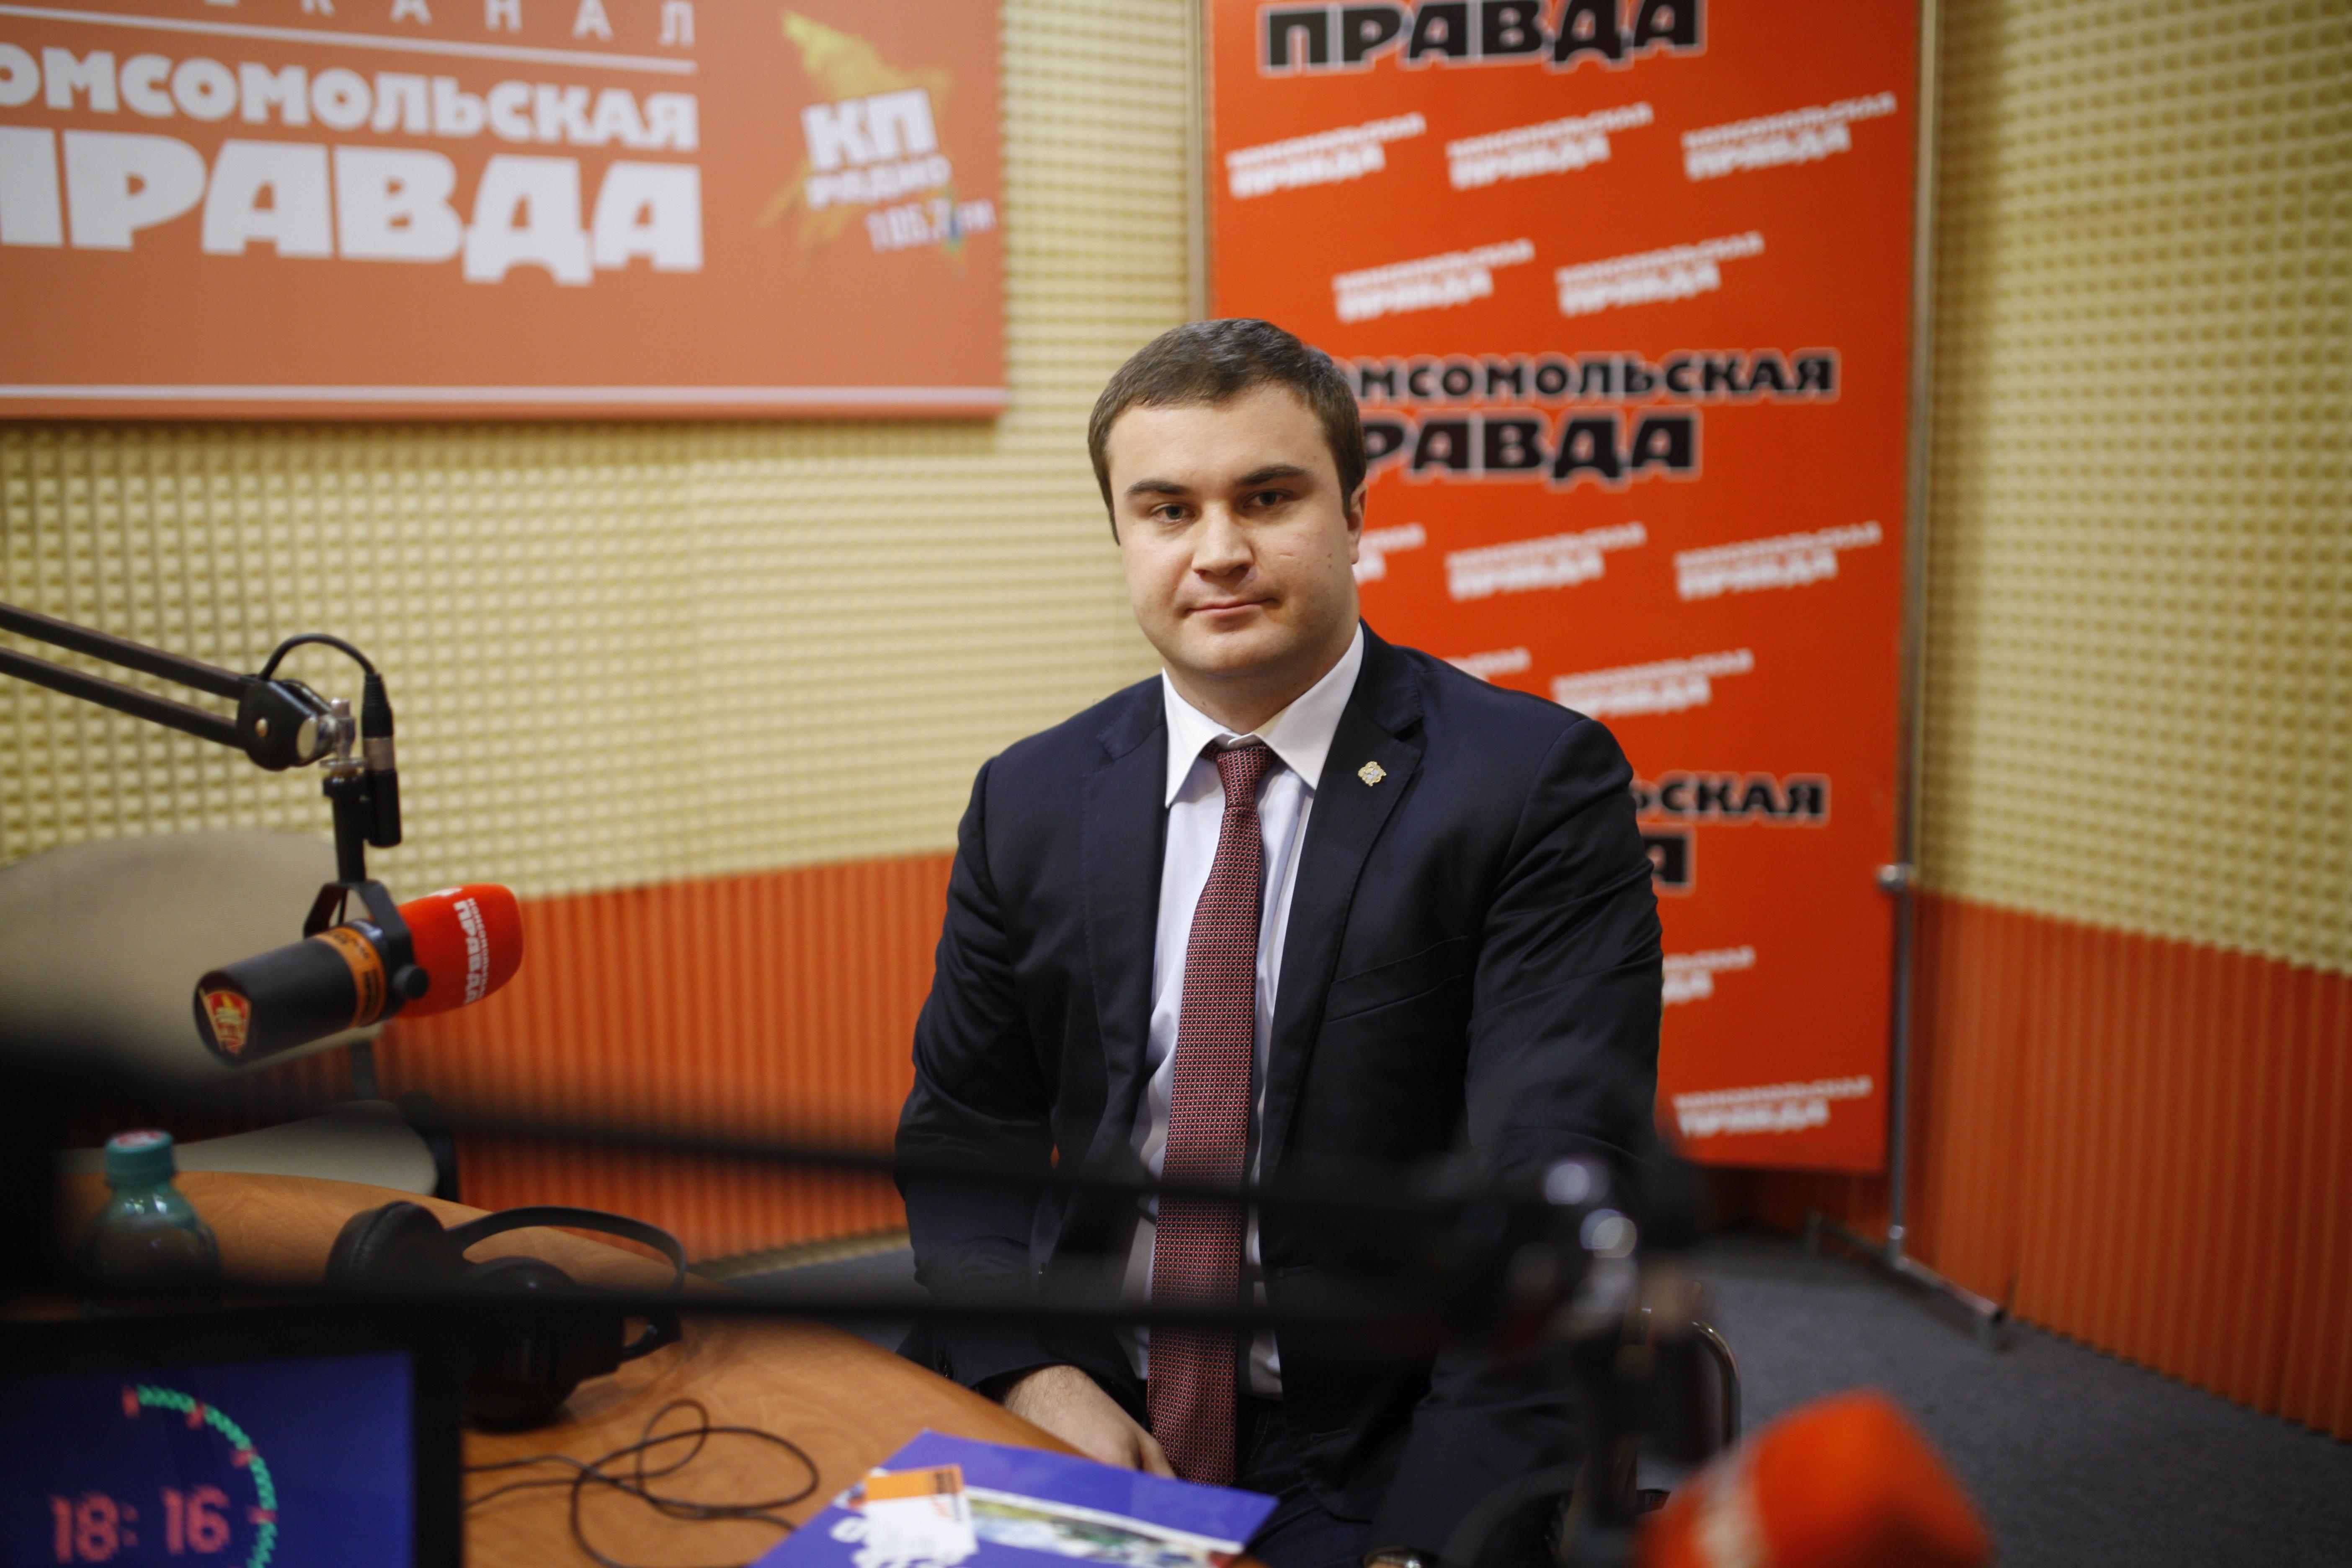 Хоценко Виталий Павлович, министр энергетики, промышленности и связи Ставропольского края